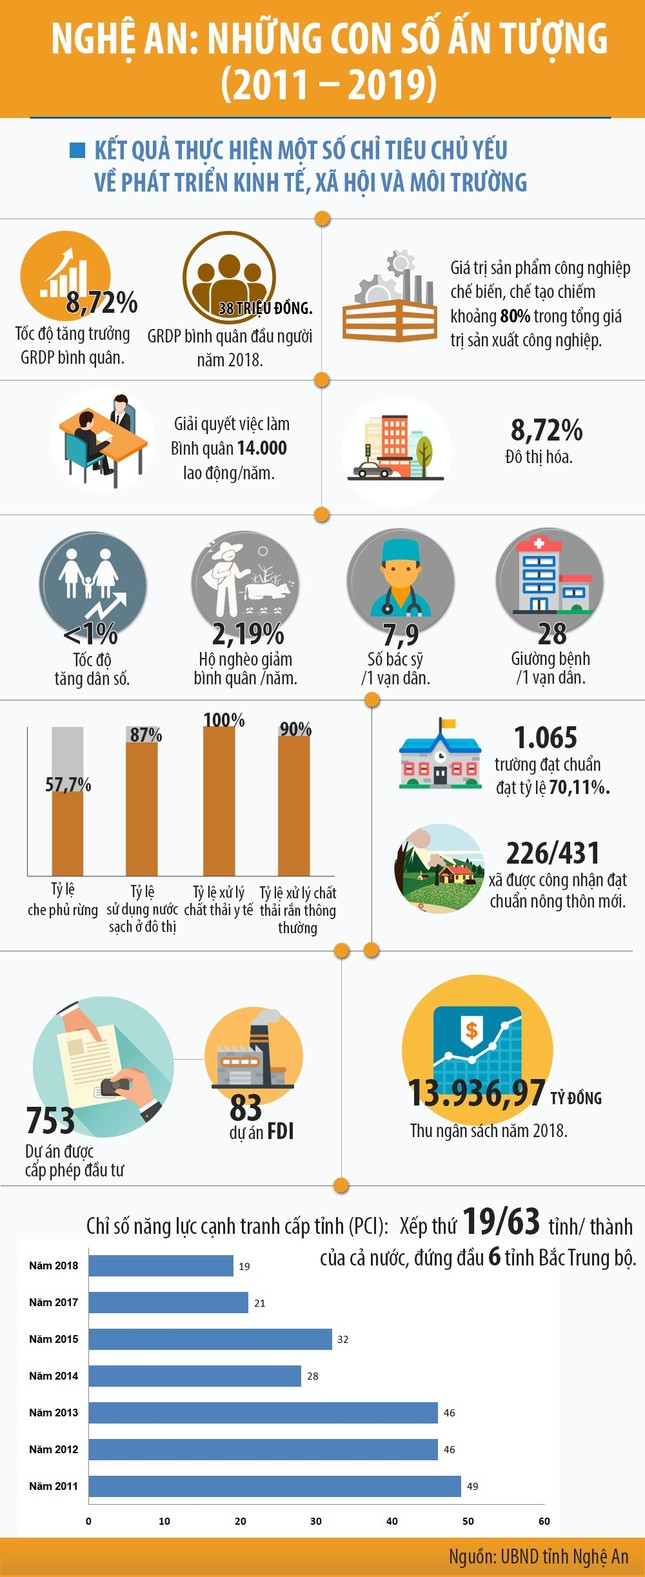 Nghệ An: Loạt siêu dự án đổ bộ, bất động sản nóng lên từng ngày ảnh 3